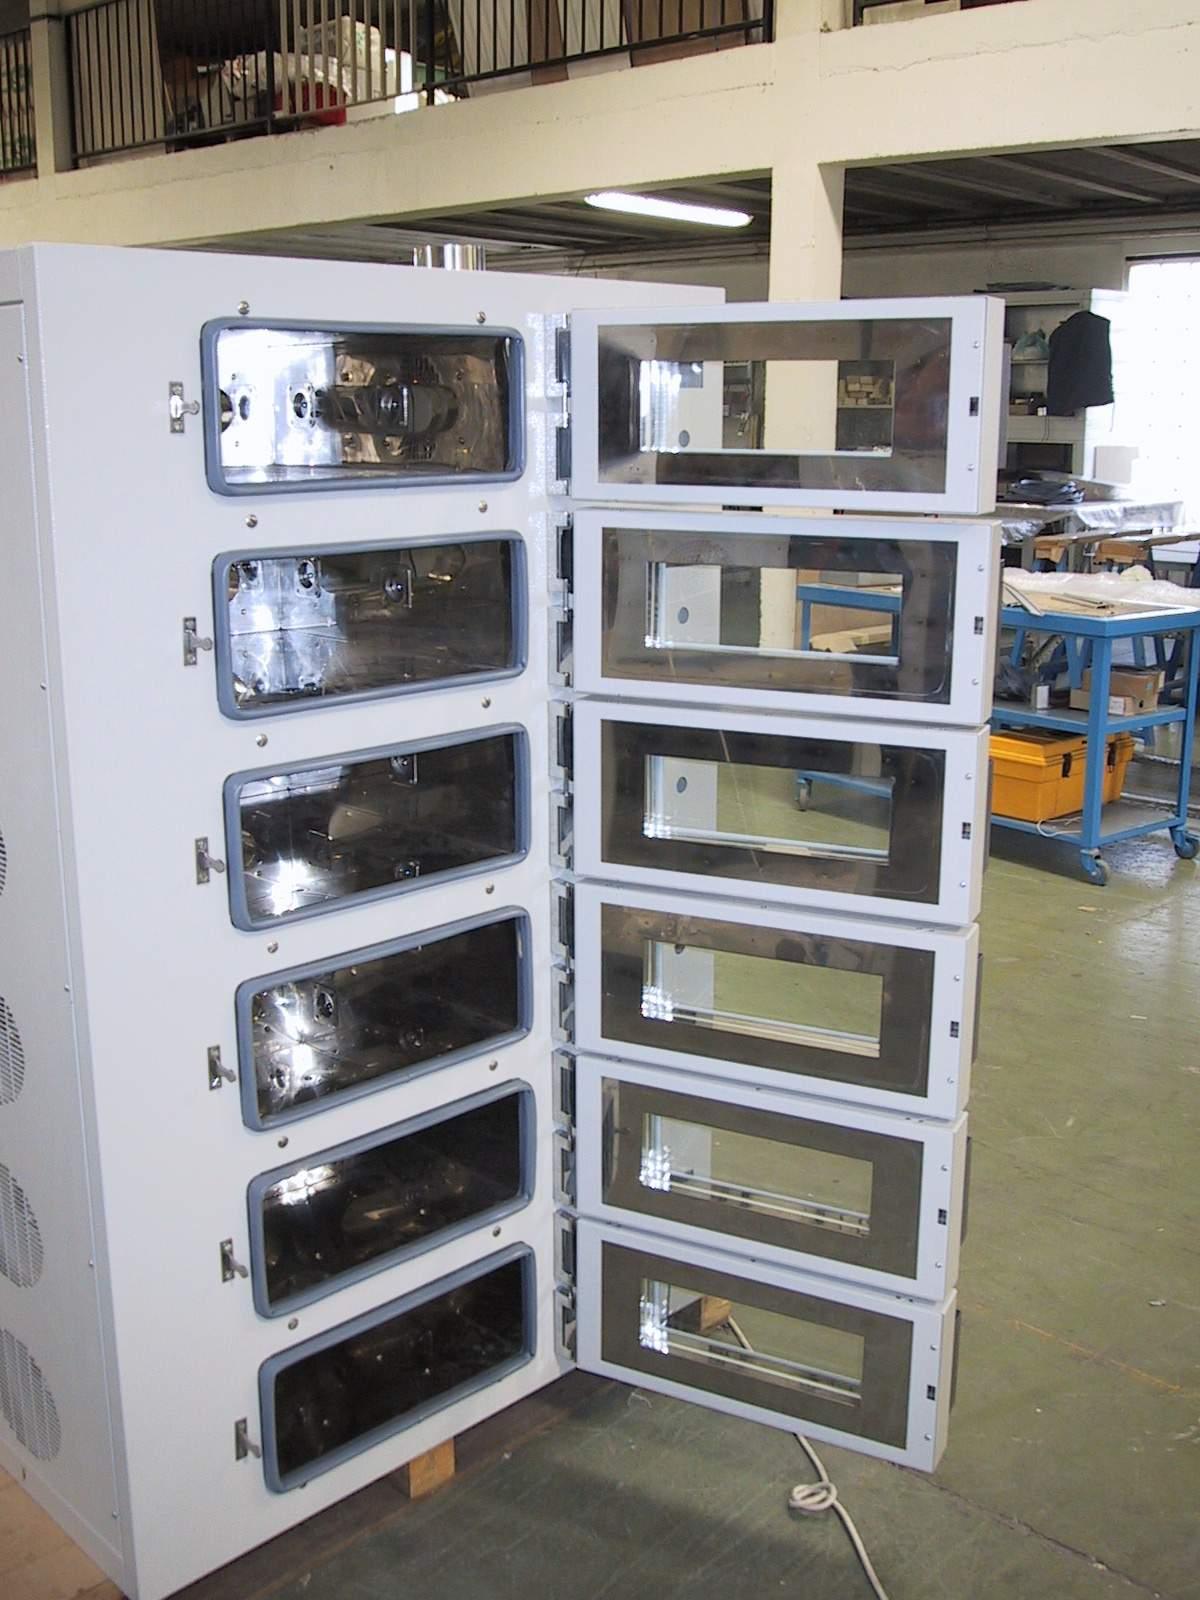 产品摘要:WXL3500-230型工业烘箱制造工艺:烤箱设计完美,箱体采用数控机床加工成型,并采用自动弹簧锁扣型门锁,操作容易。保温系统采用岩棉填充保温区,内胆焊接处采用密集点焊成型,有效避免岩棉内的纤维进入内腔,以保证内腔的空气不受污染,维持应有的洁净度.内外胆连接部位采用非金属耐高温材料